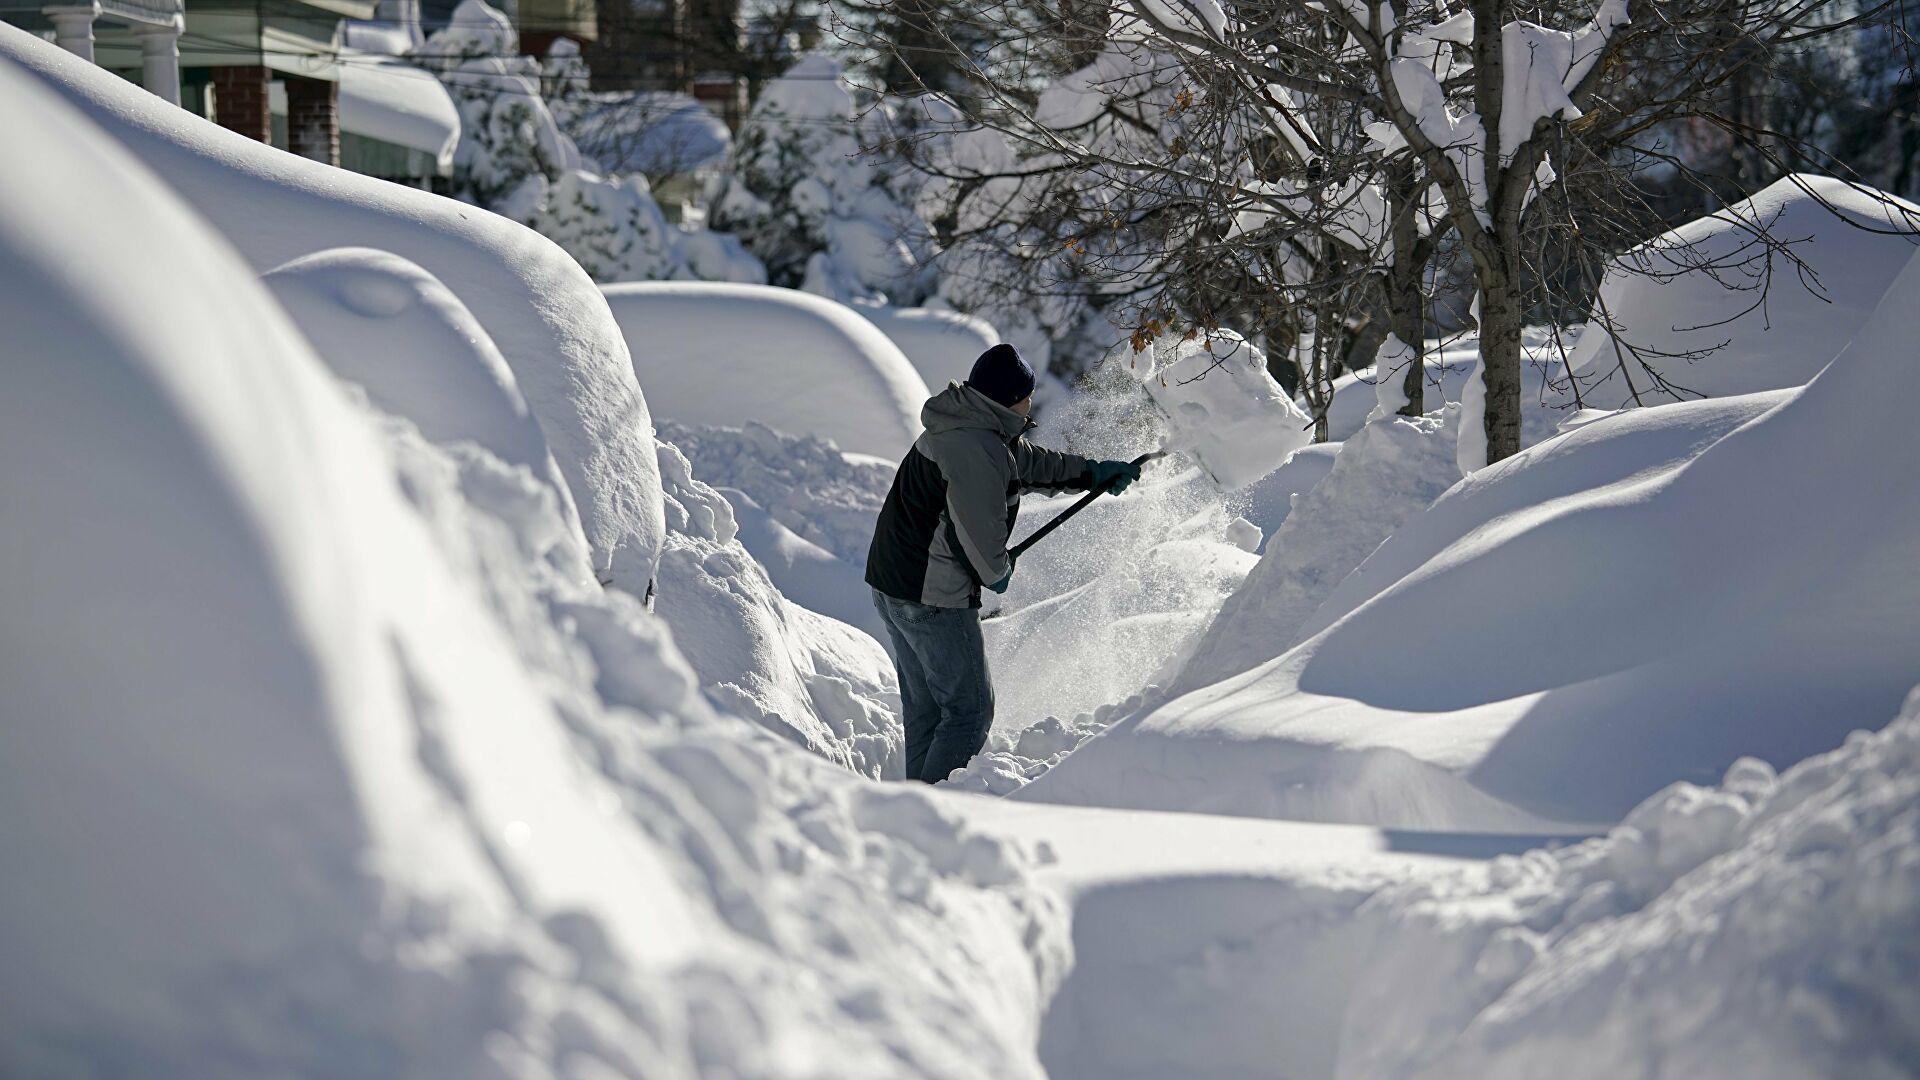 Аномальное похолодание в Северном полушарии могла вызвать солнечная активность